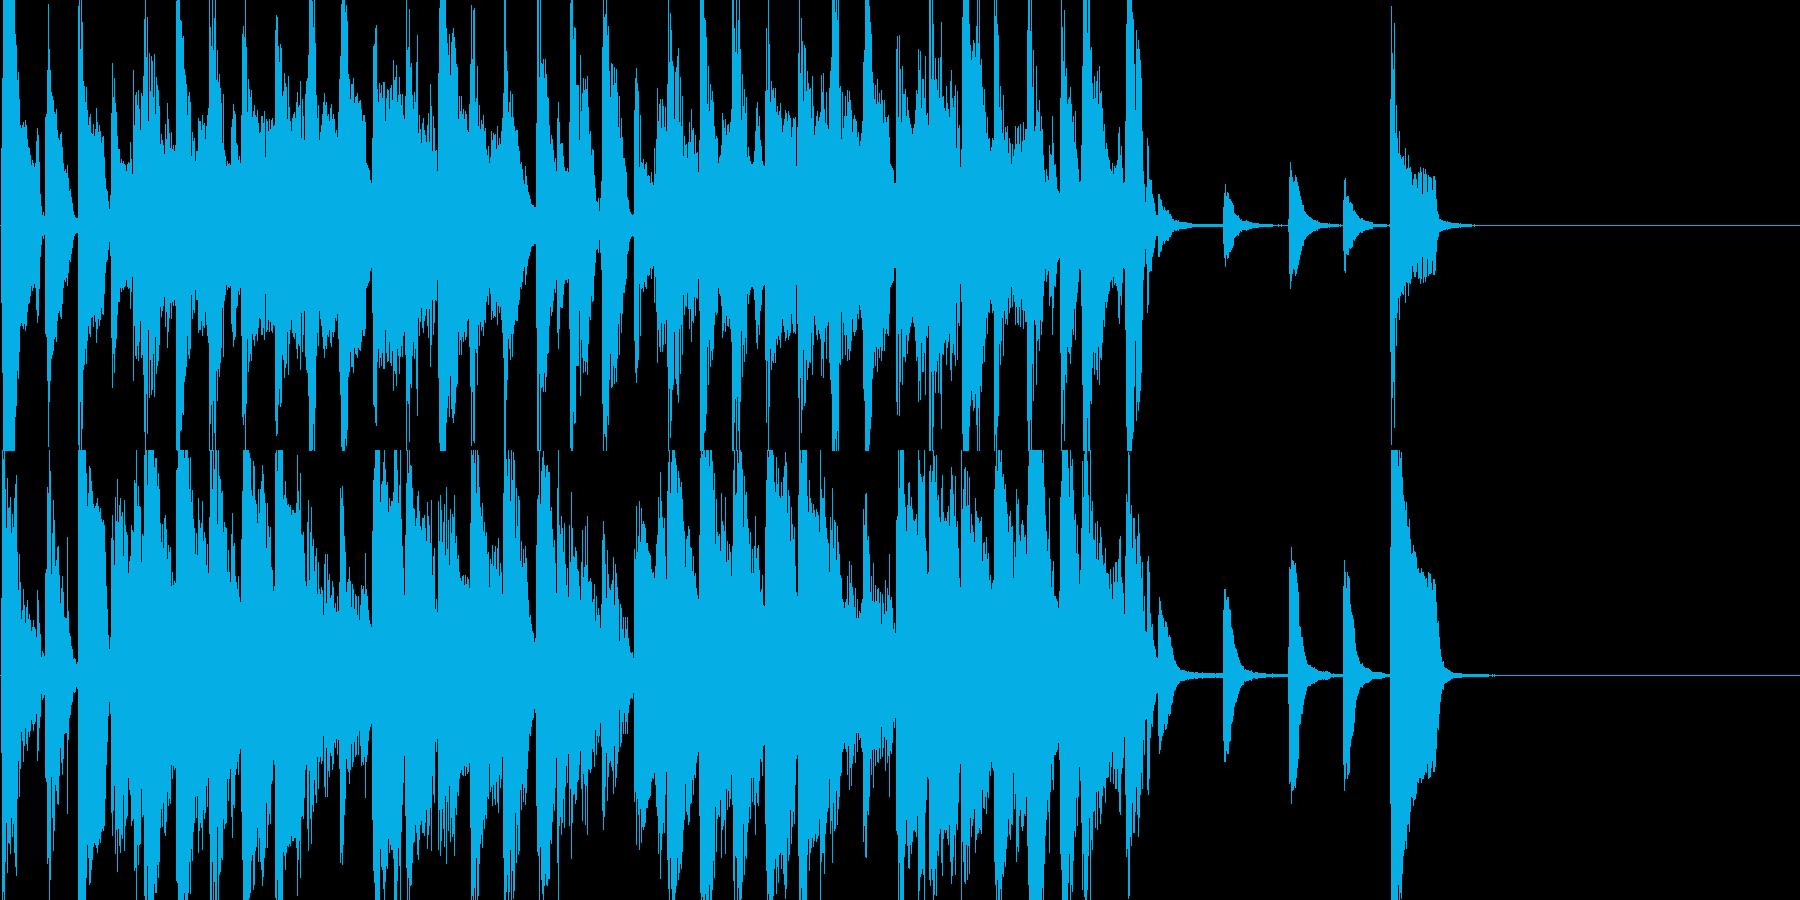 オシャレなジャズBGMショートver.の再生済みの波形